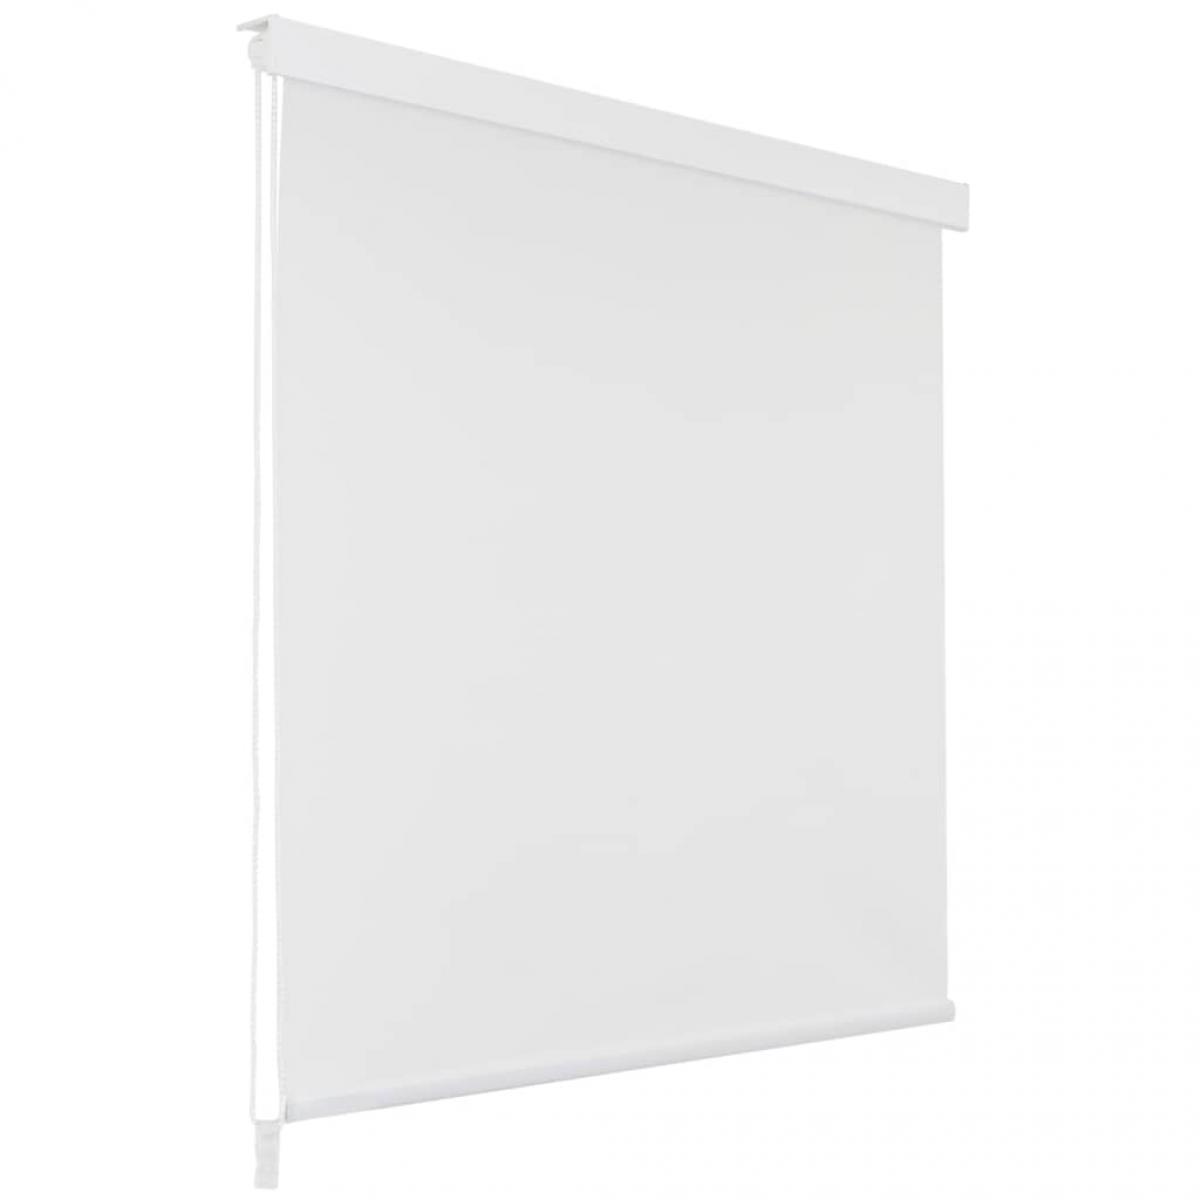 Vidaxl Store roulant de douche 140 x 240 cm Blanc - Maison et jardin/Accessoires de salle de bain/Rideaux de douche   Blanc - B